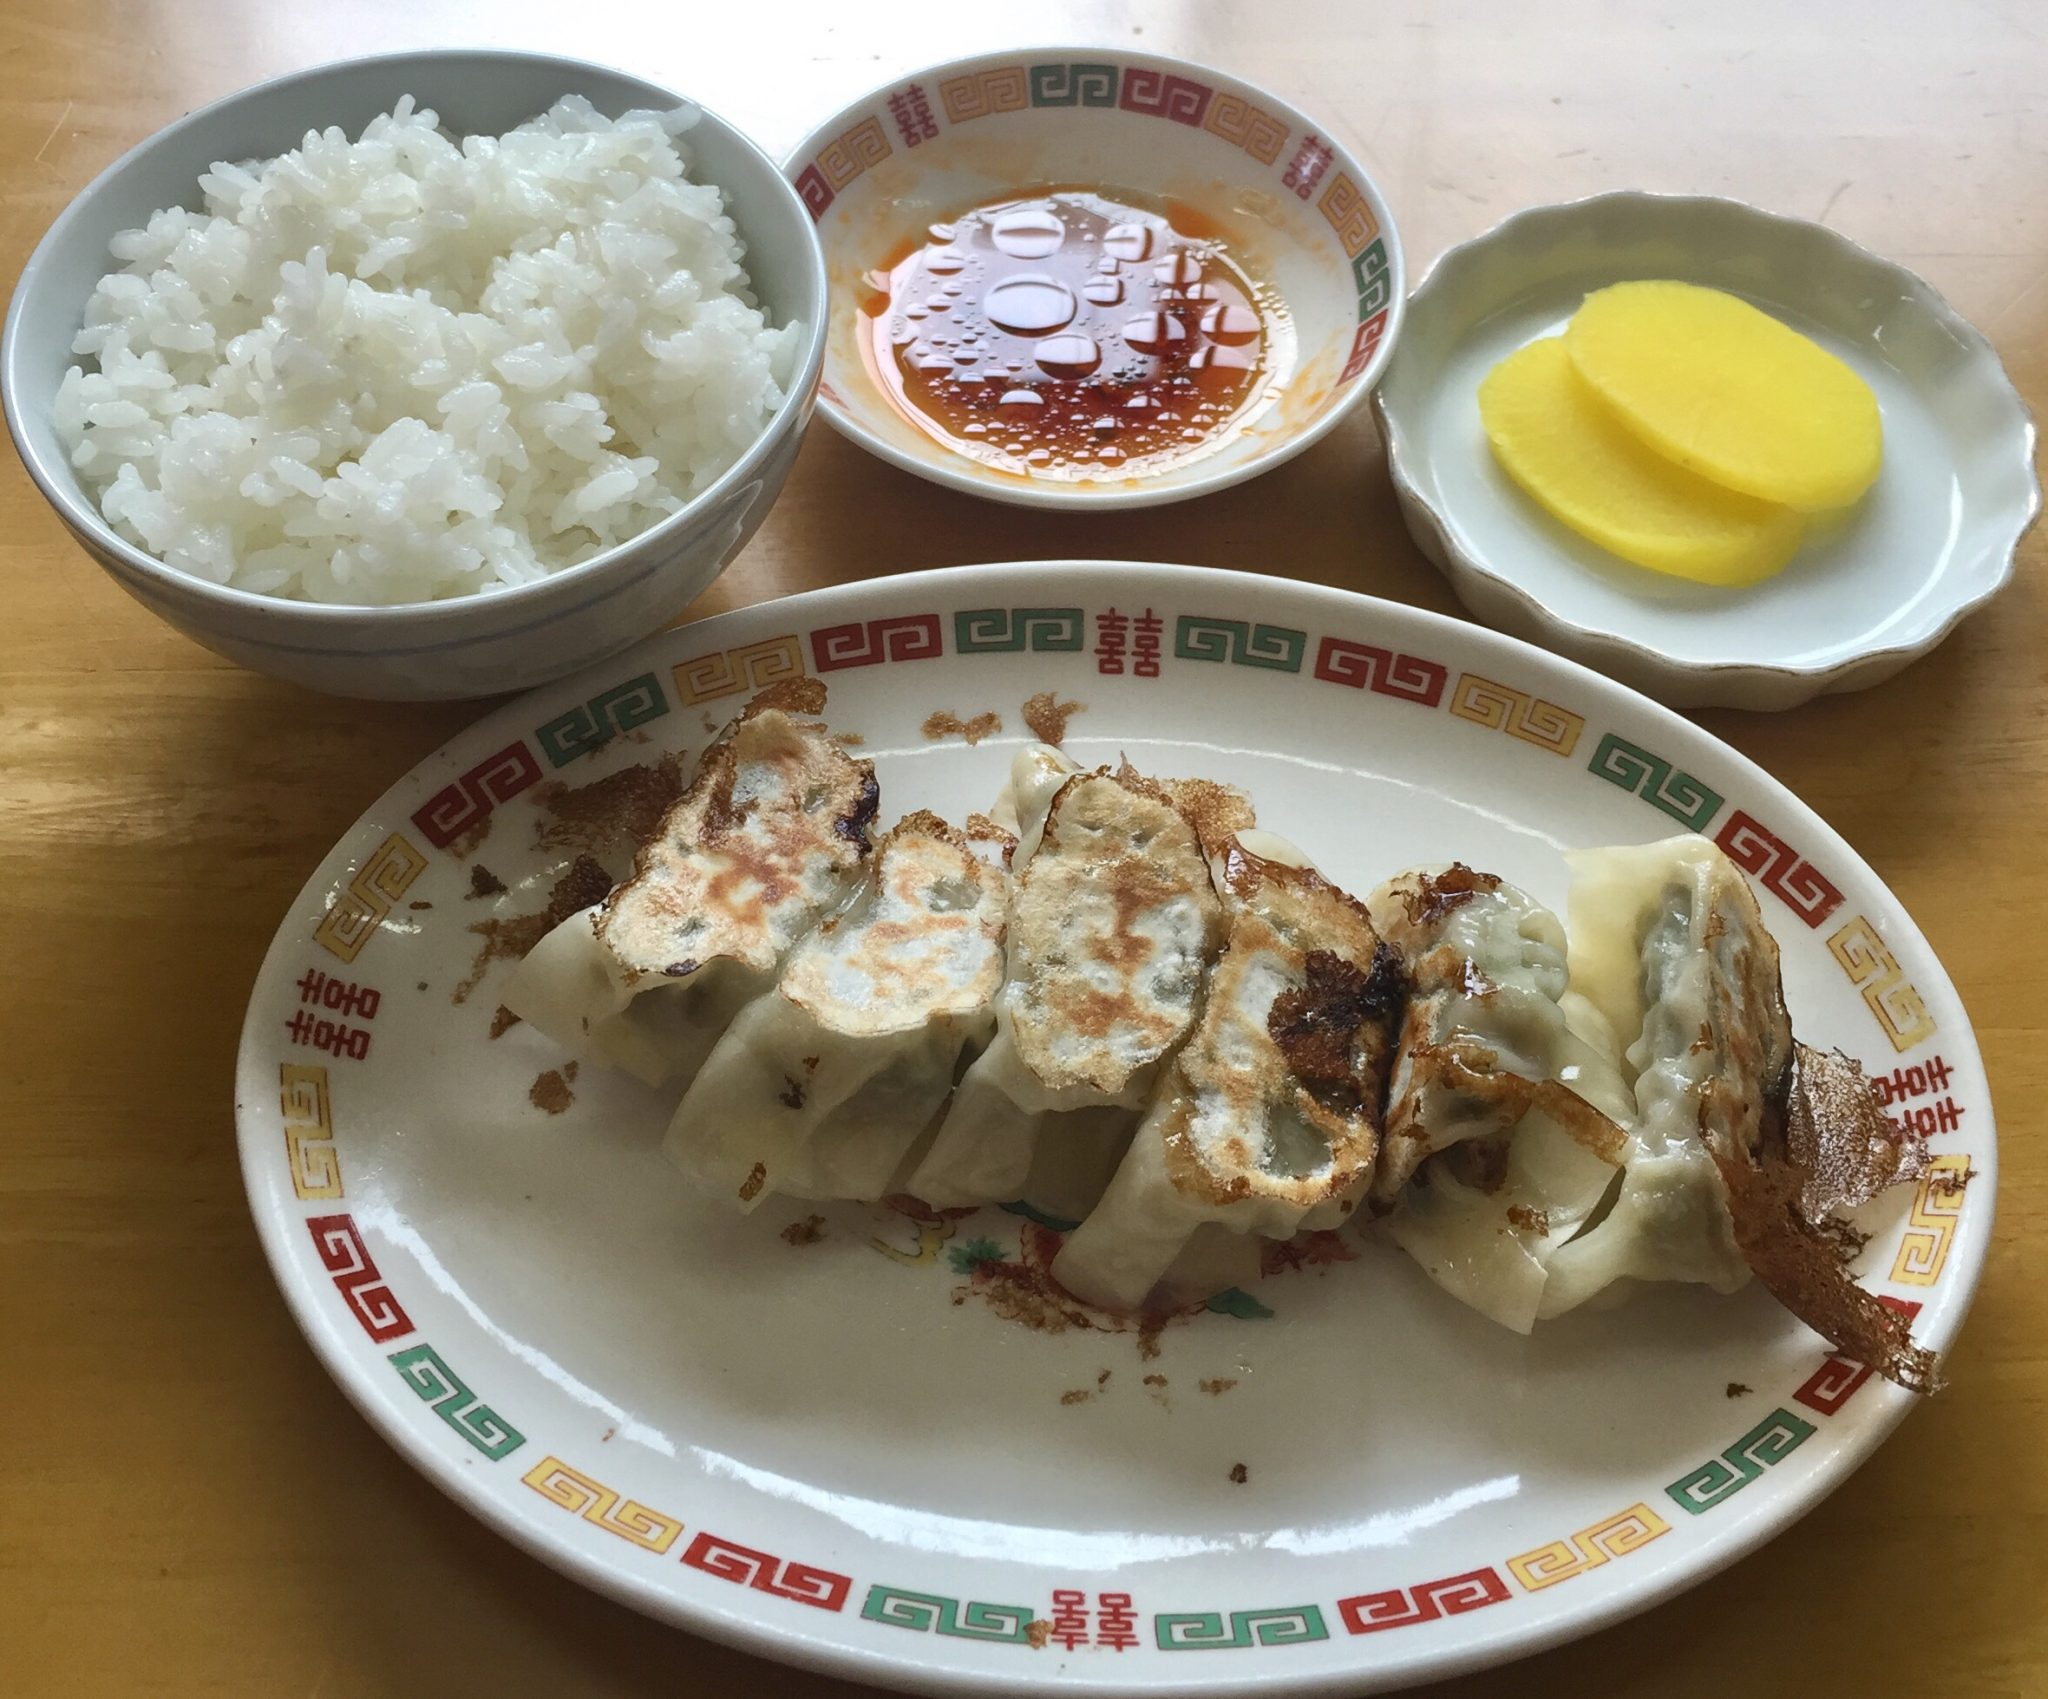 ラーメン寿屋 ギョーザ 餃子 ライス